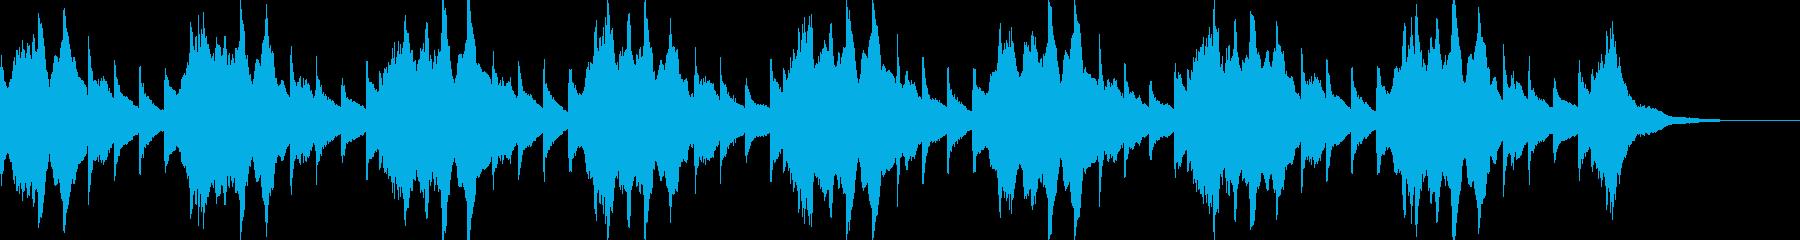 幻想的なクリスタルサウンドBGMの再生済みの波形